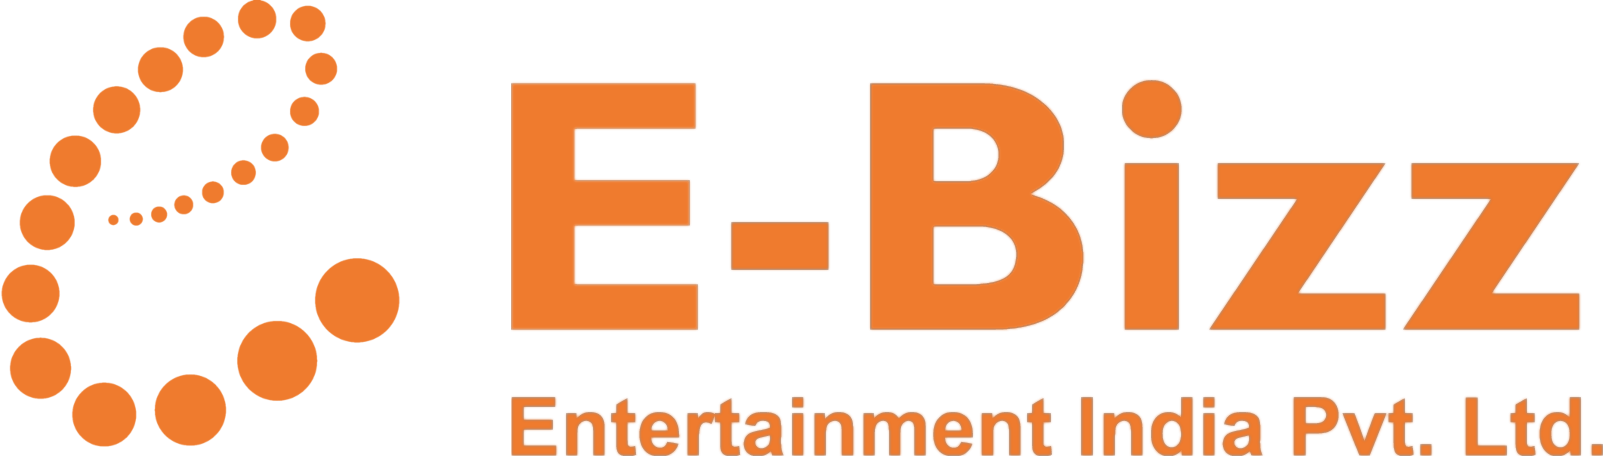 E-Bizz Event Management Company Mumbai